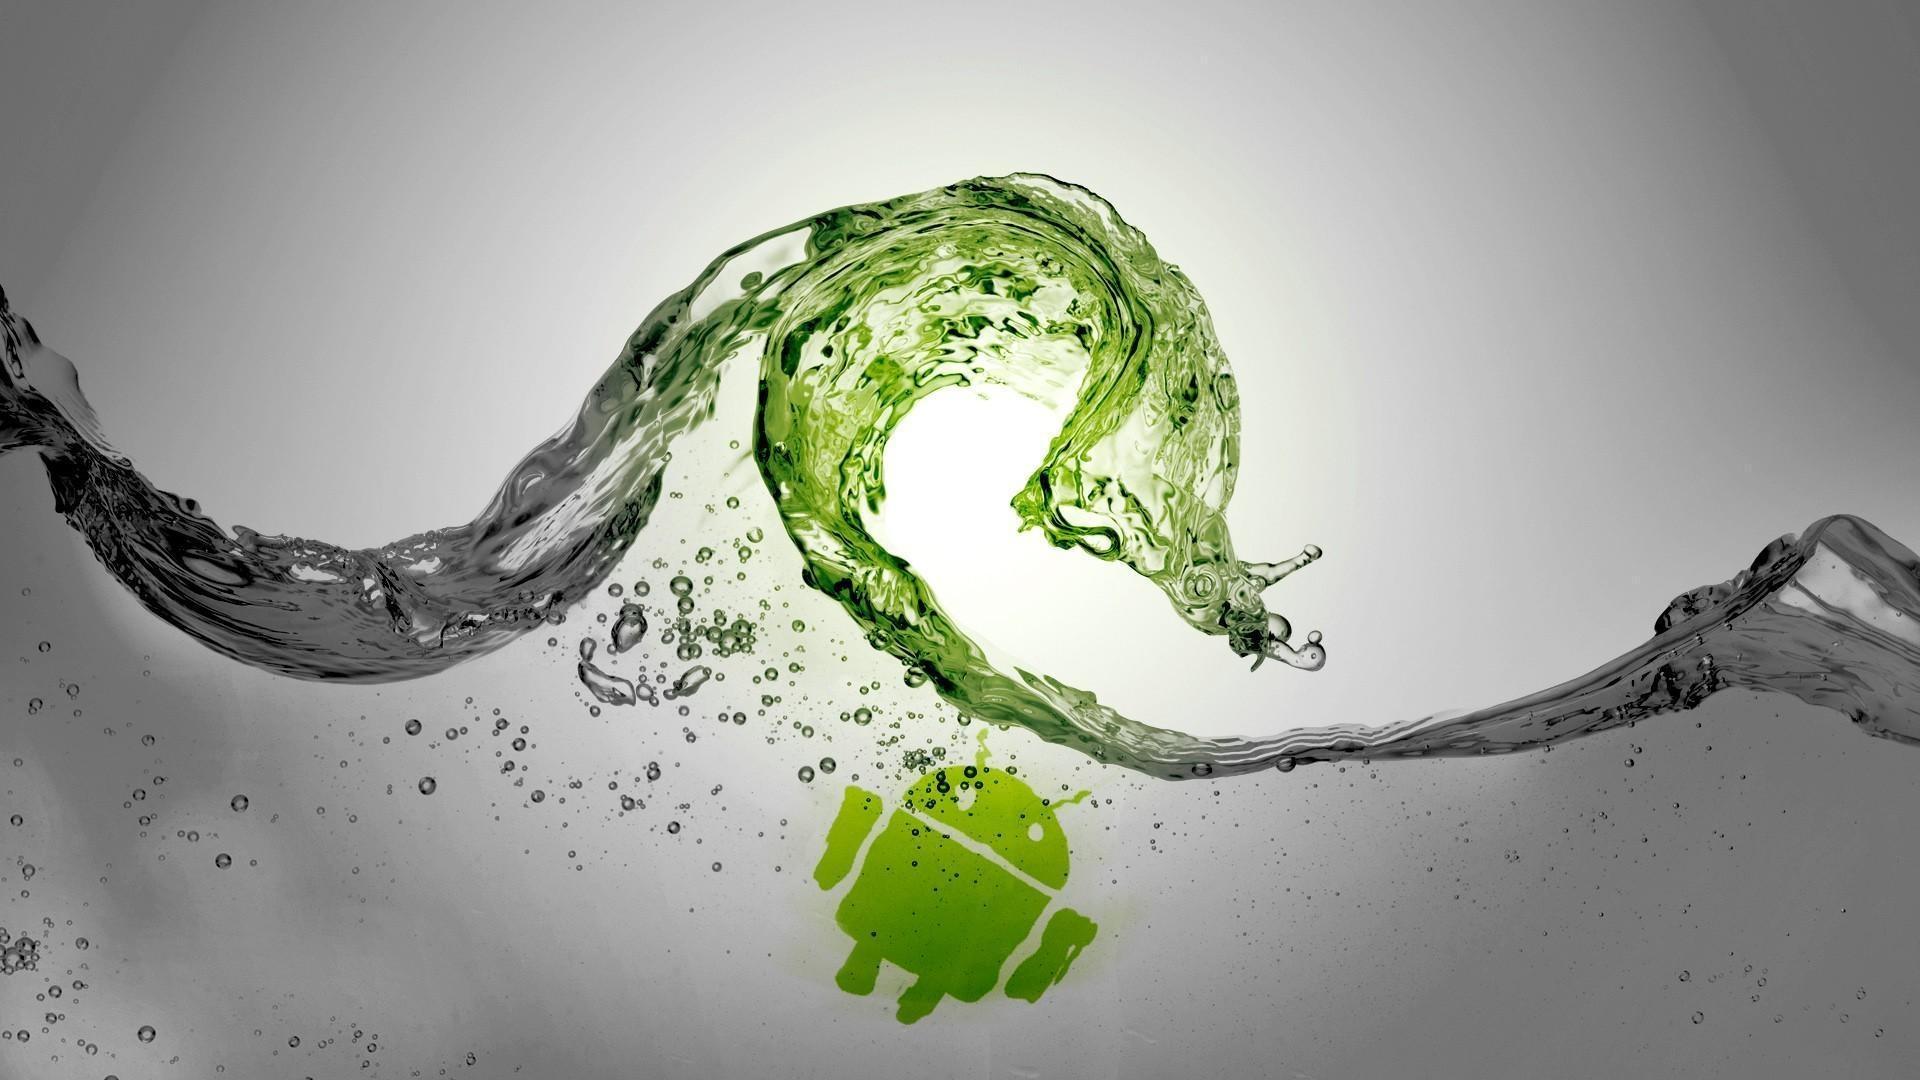 1000+ ideaa: Wallpapers Android Hd Pinterestissä | Android 6